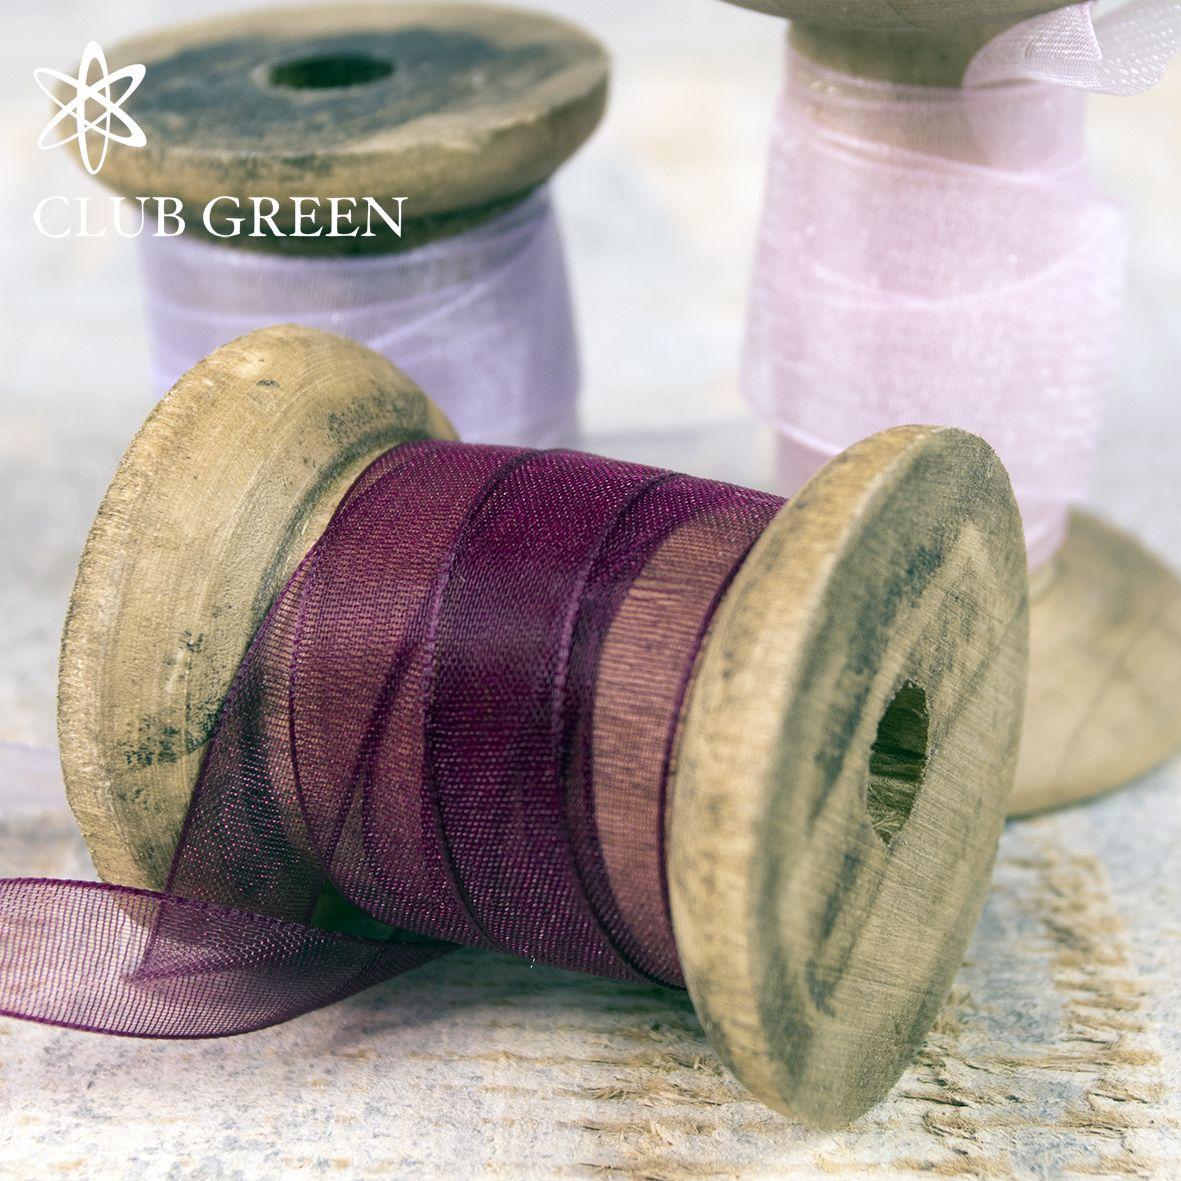 Club Green Organza Ribbon category image